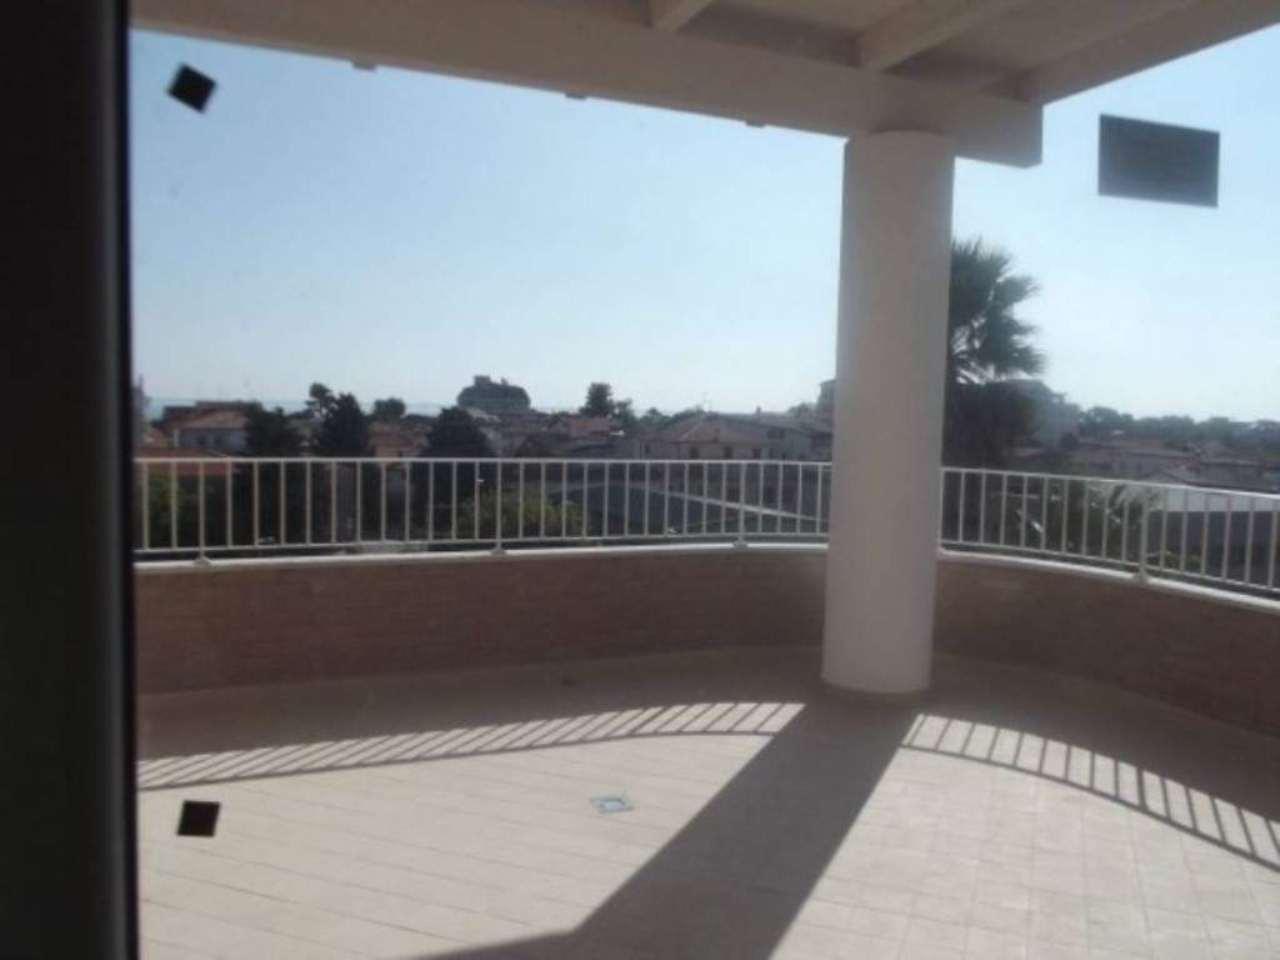 Attico / Mansarda in vendita a Tortoreto, 3 locali, prezzo € 125.000   Cambio Casa.it